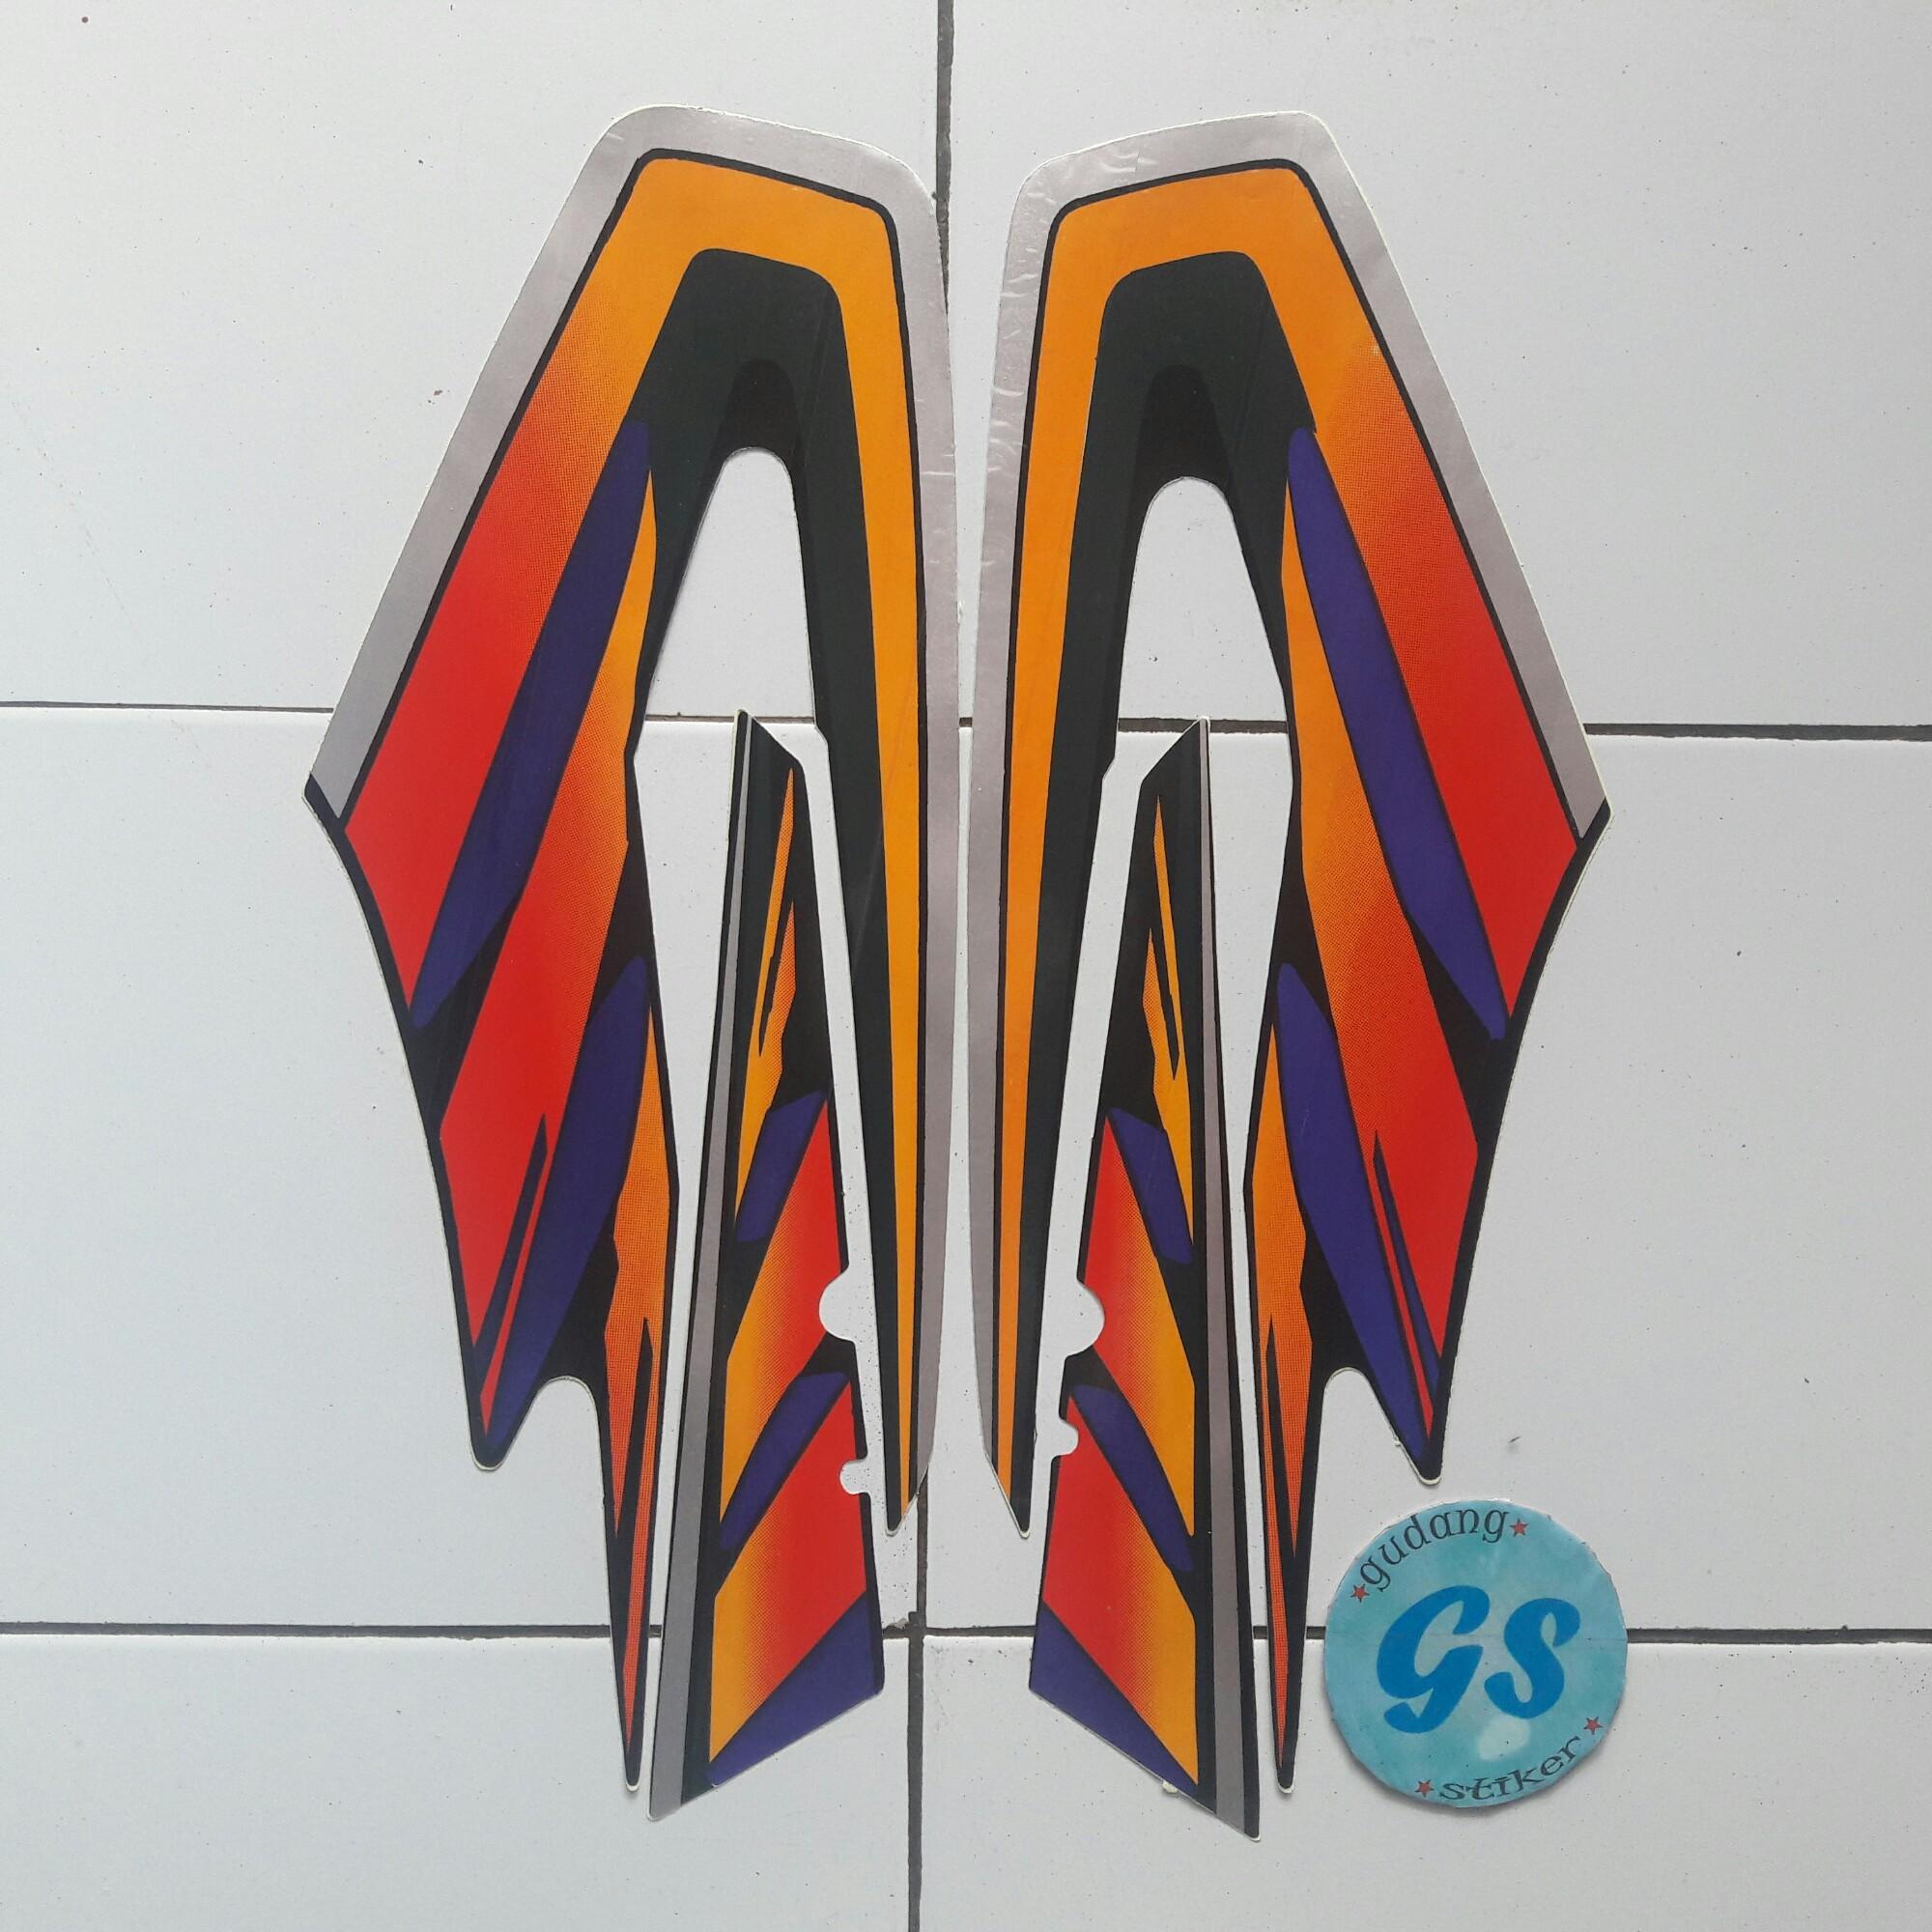 stiker motor striping yamaha Rx King 1997 merah